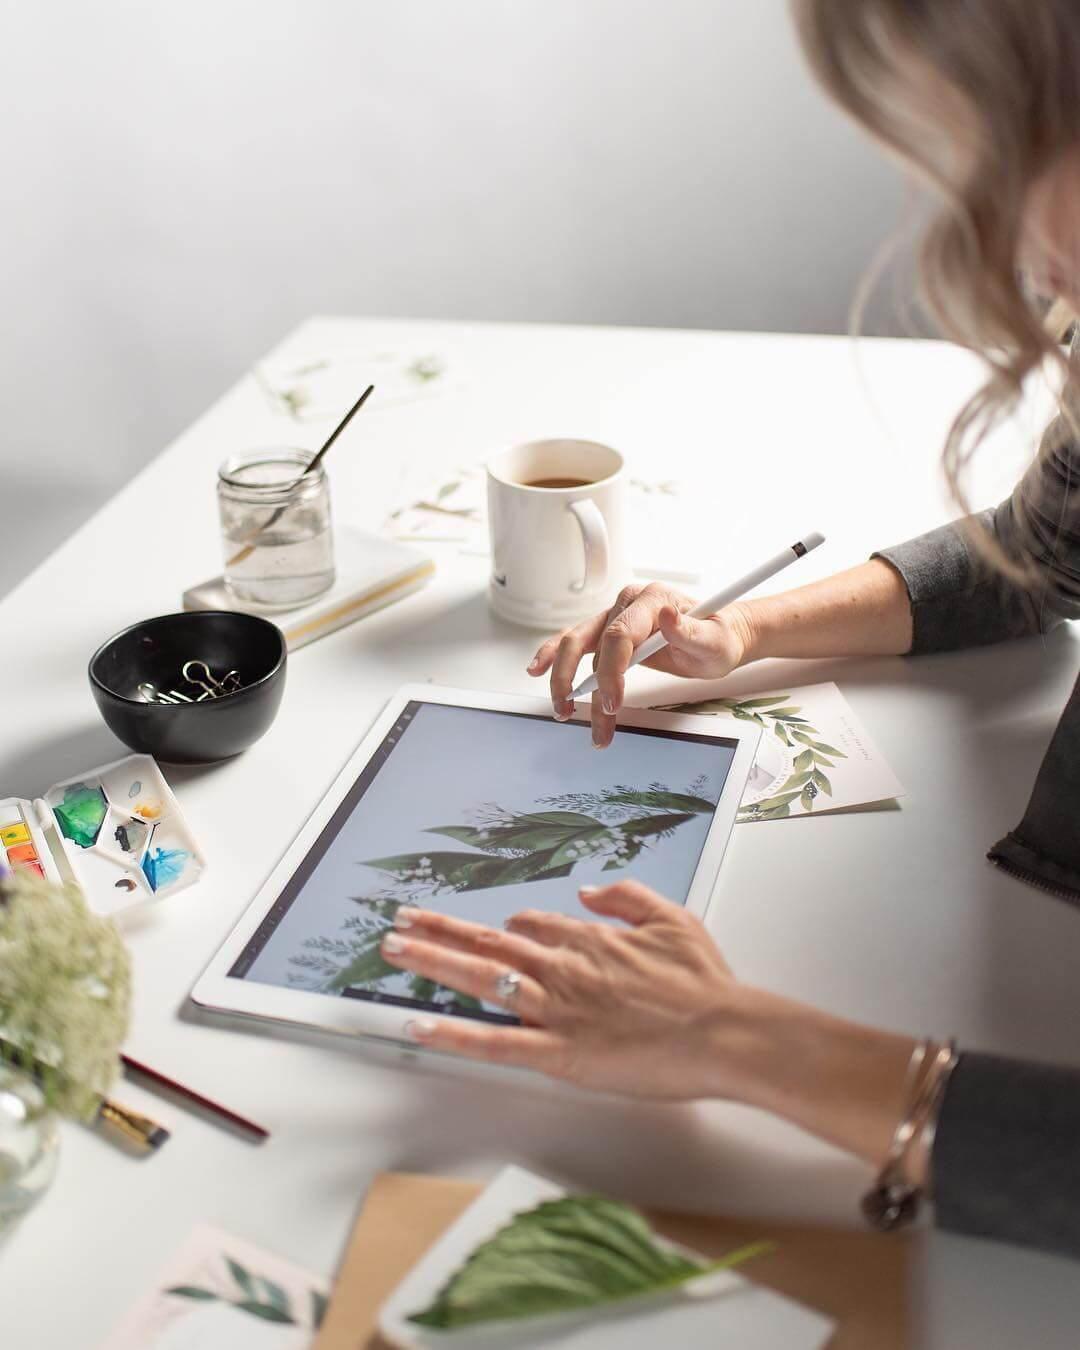 Woman customizing design on screen